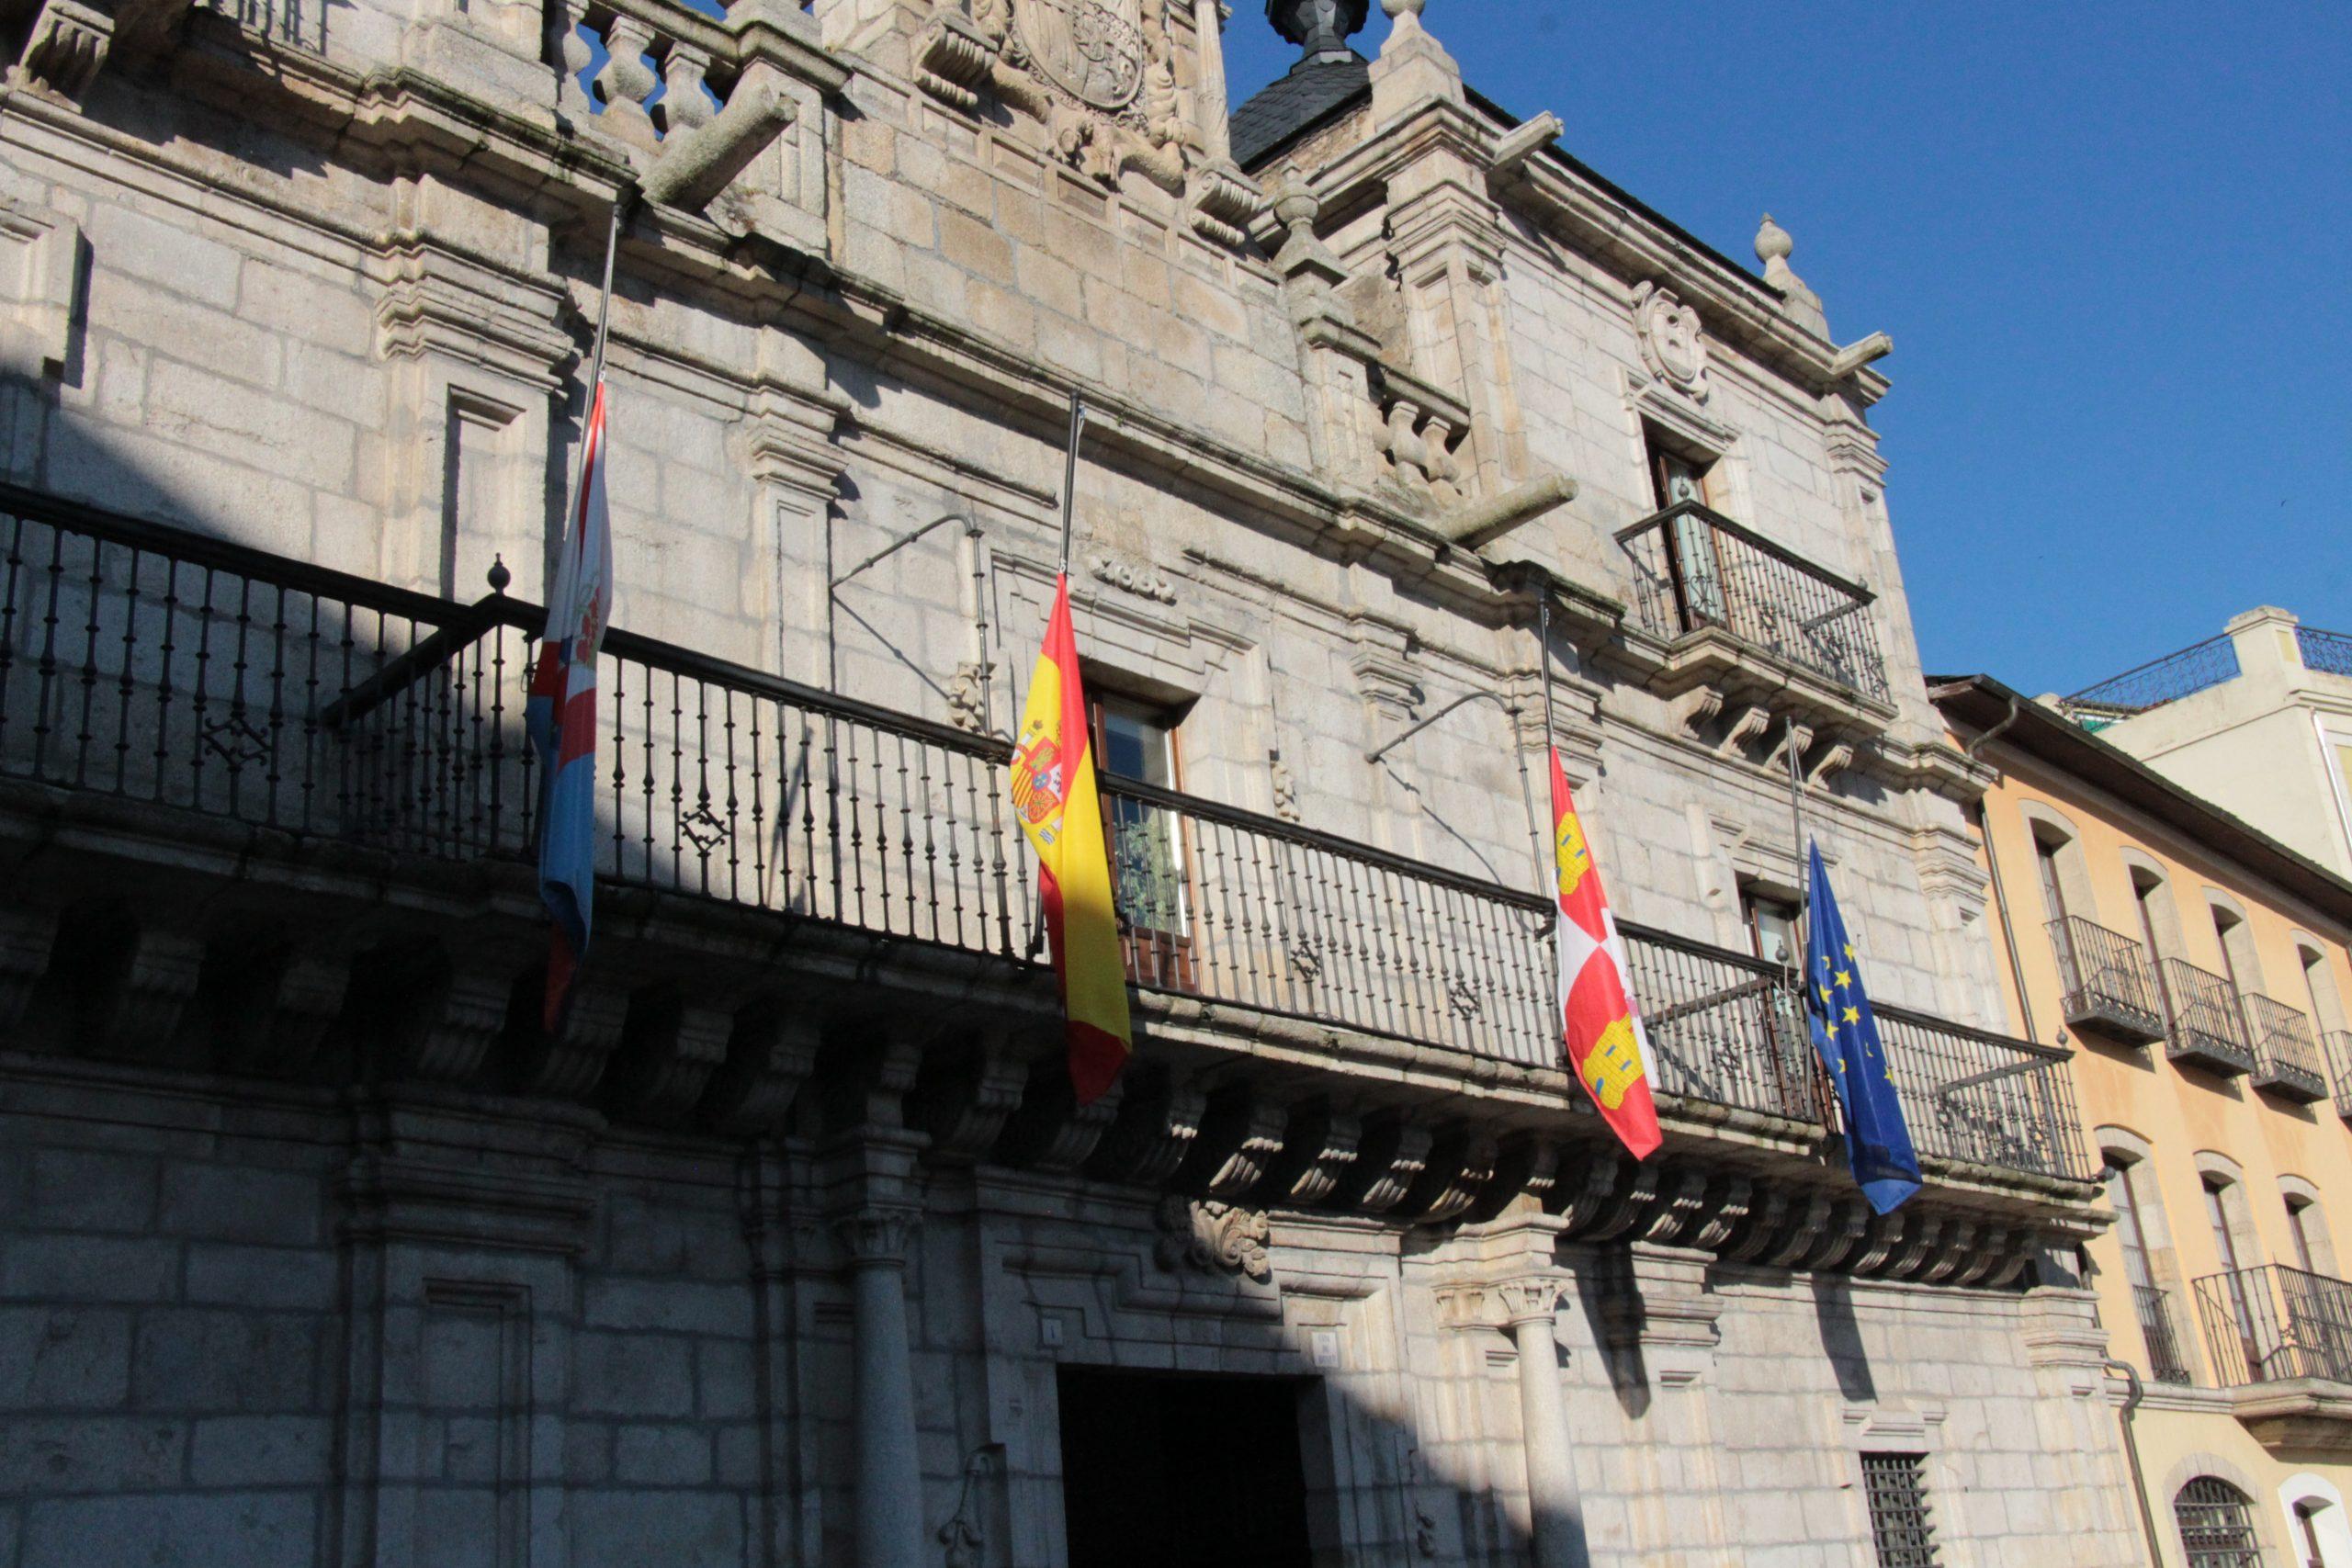 El Ayuntamiento convoca a las 12:00 horas un minuto de silencio en memoria de las víctimas de la COVID-19 1